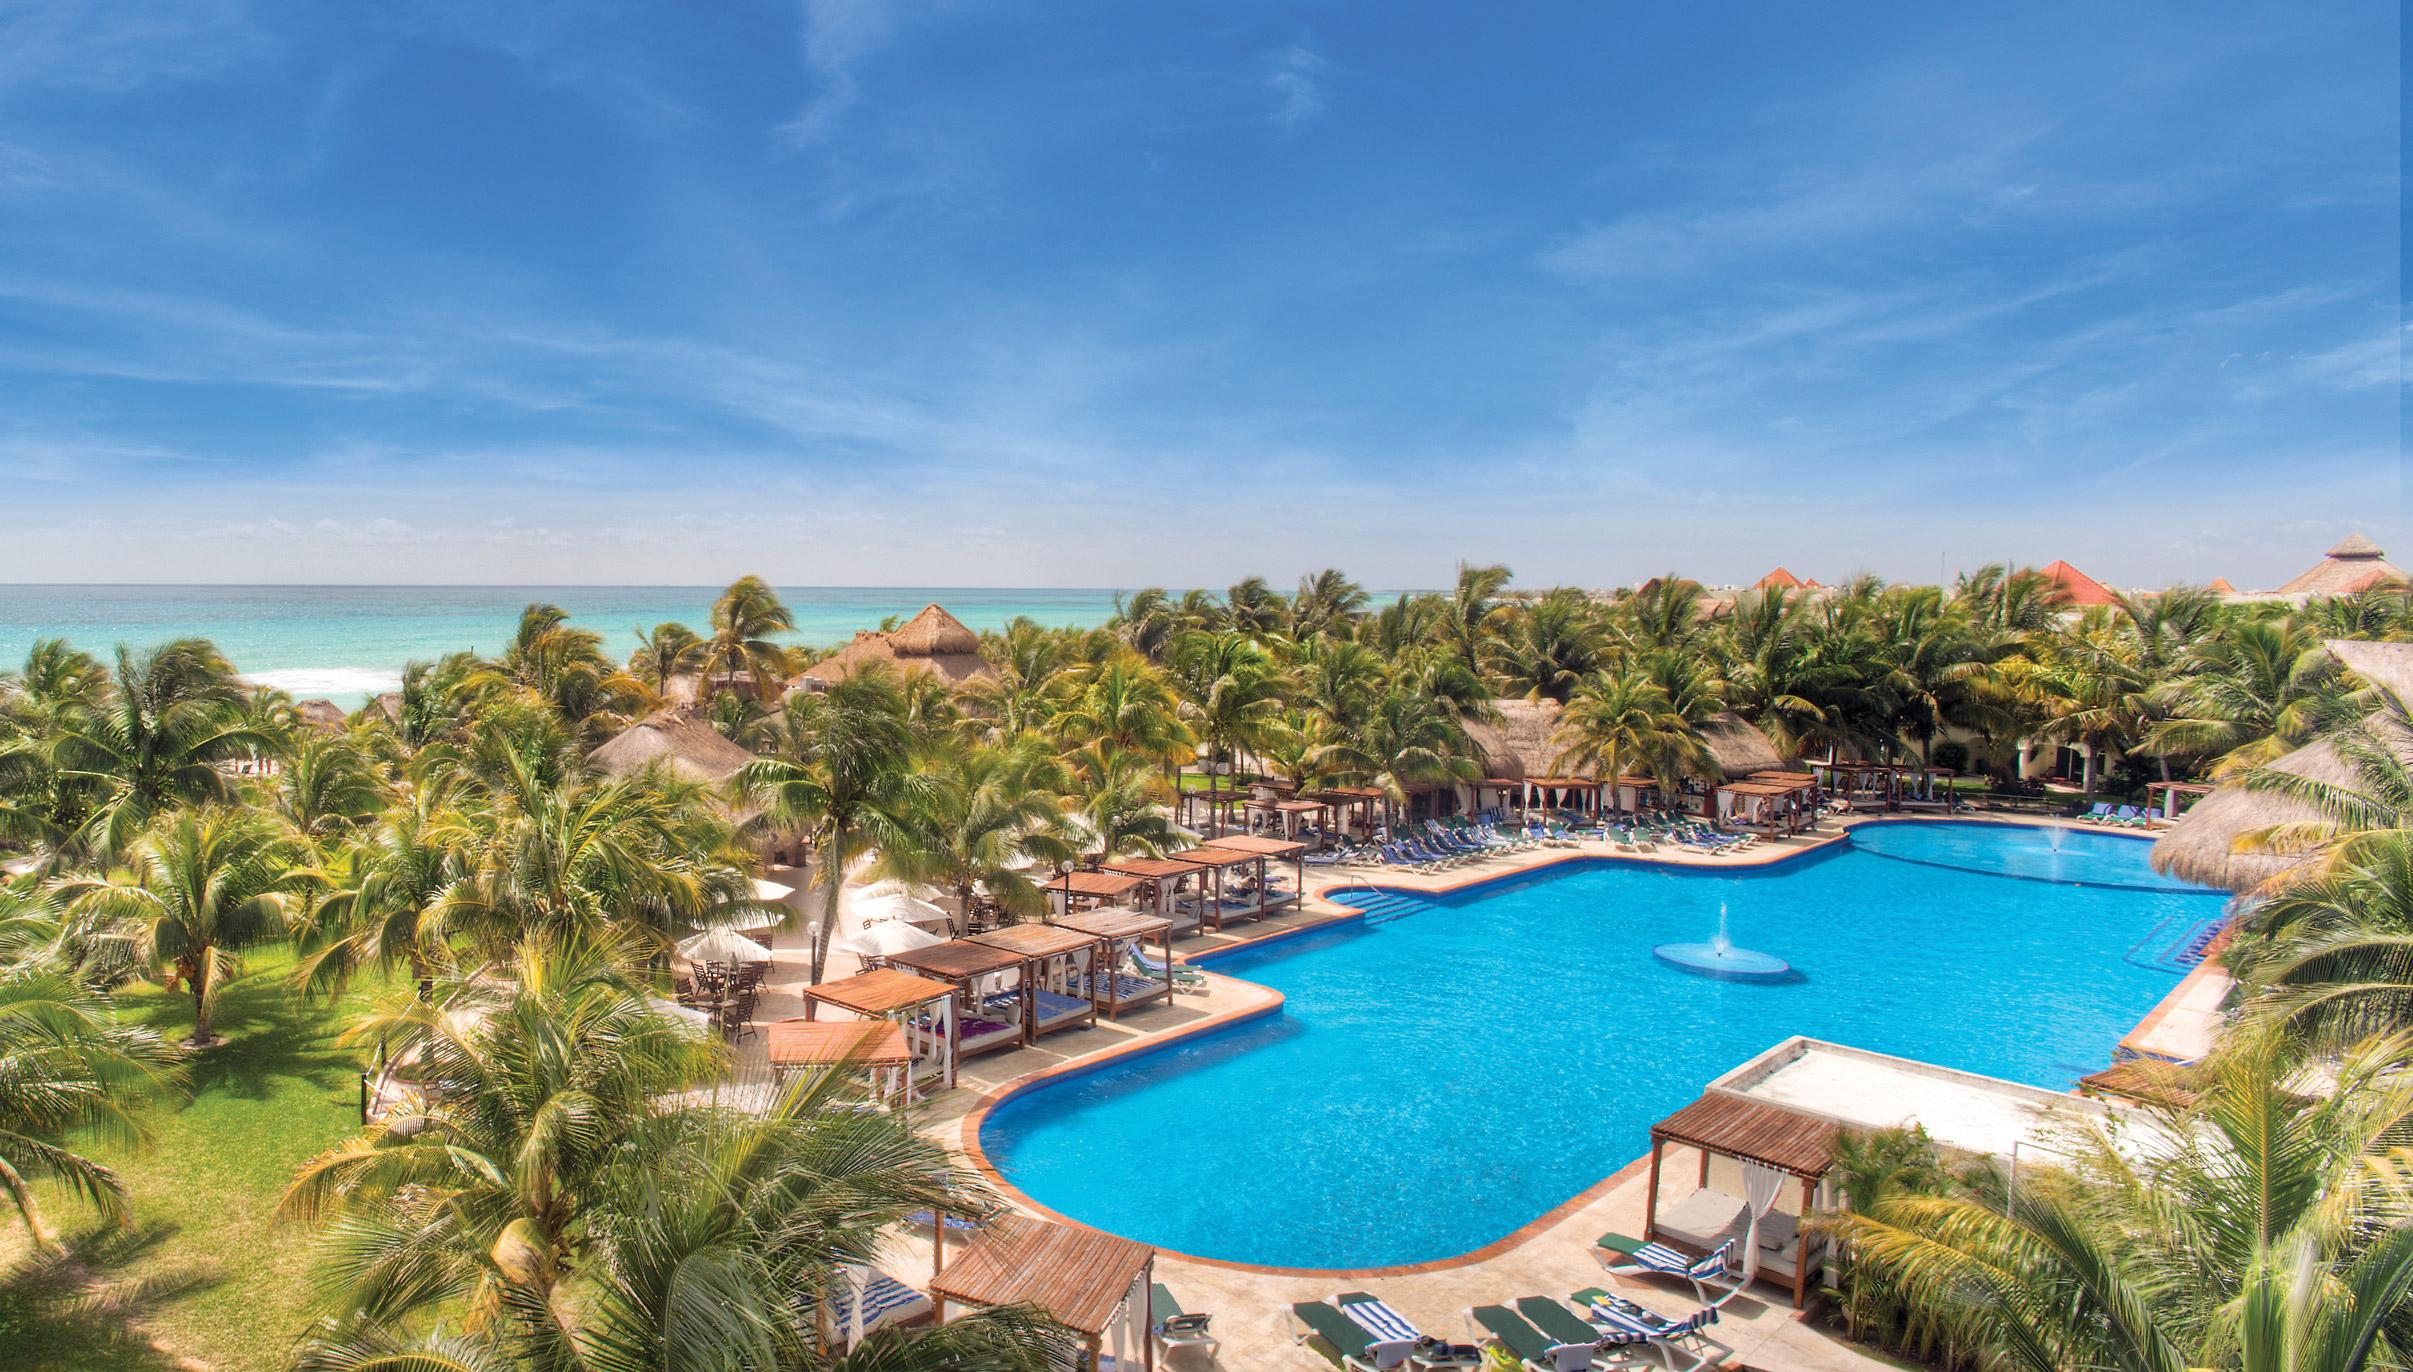 El Dorado Royale A Spa Resort By Karisma Thomas Cook